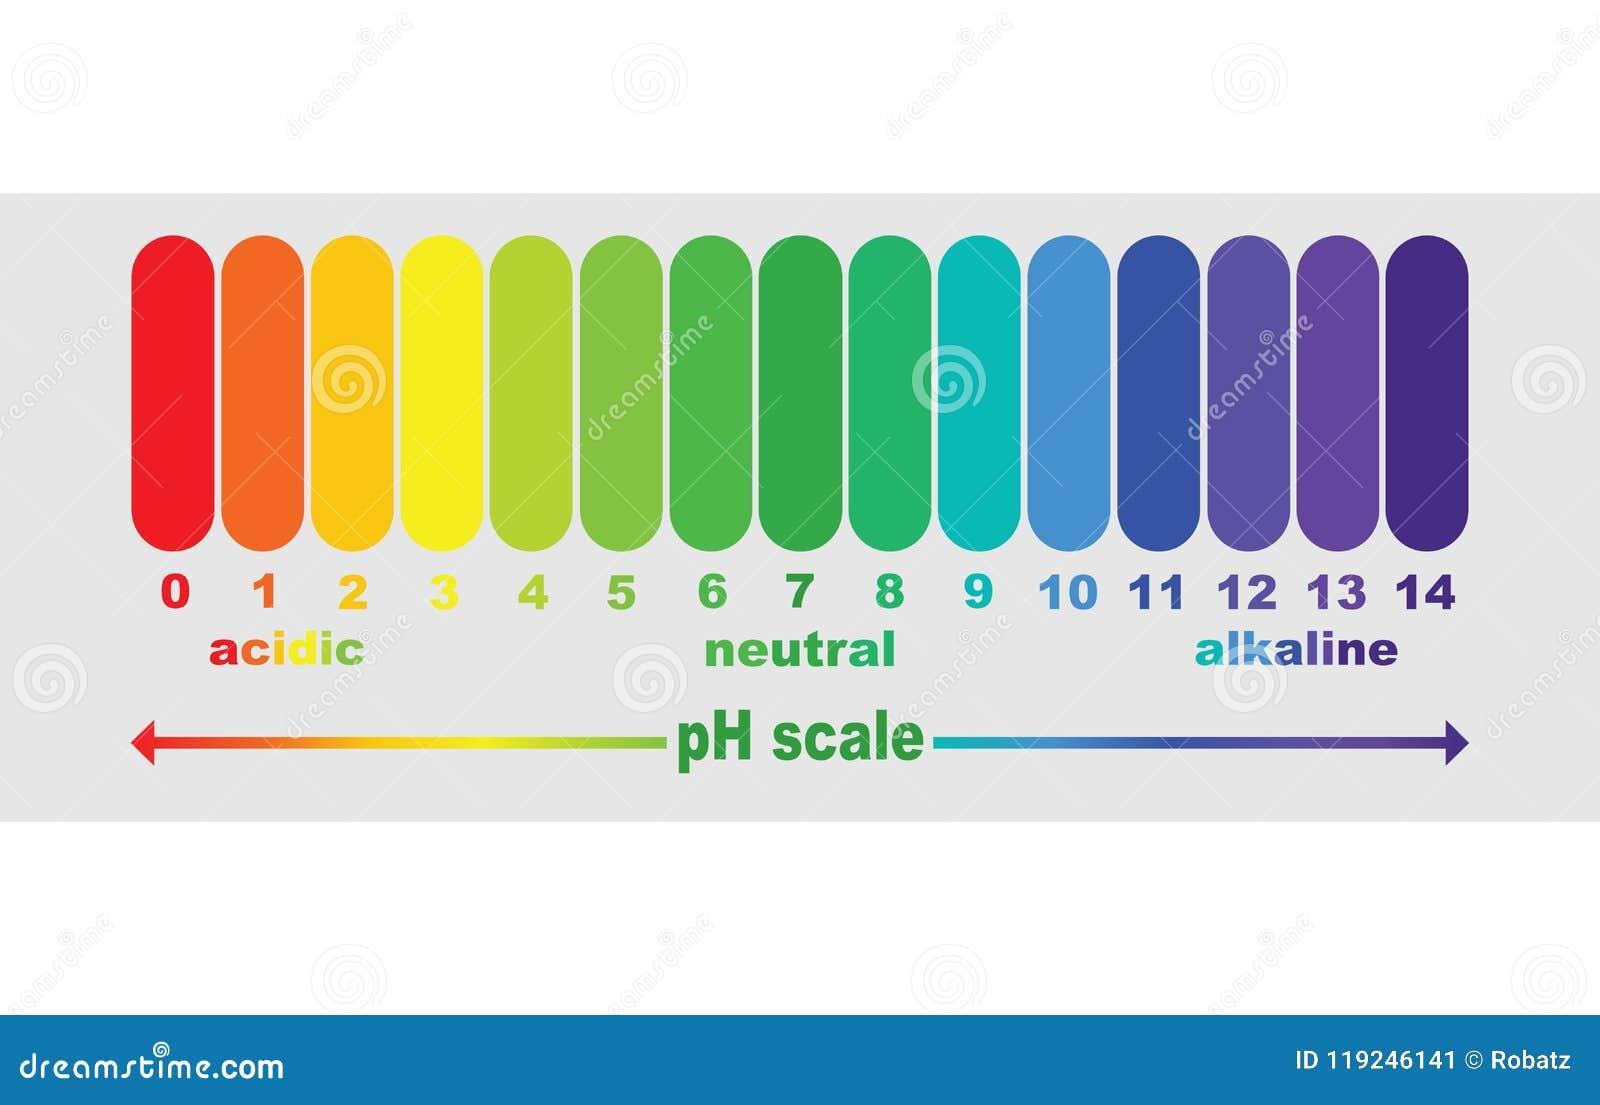 Schaal van ph waarde voor zure en alkalische oplossingen,